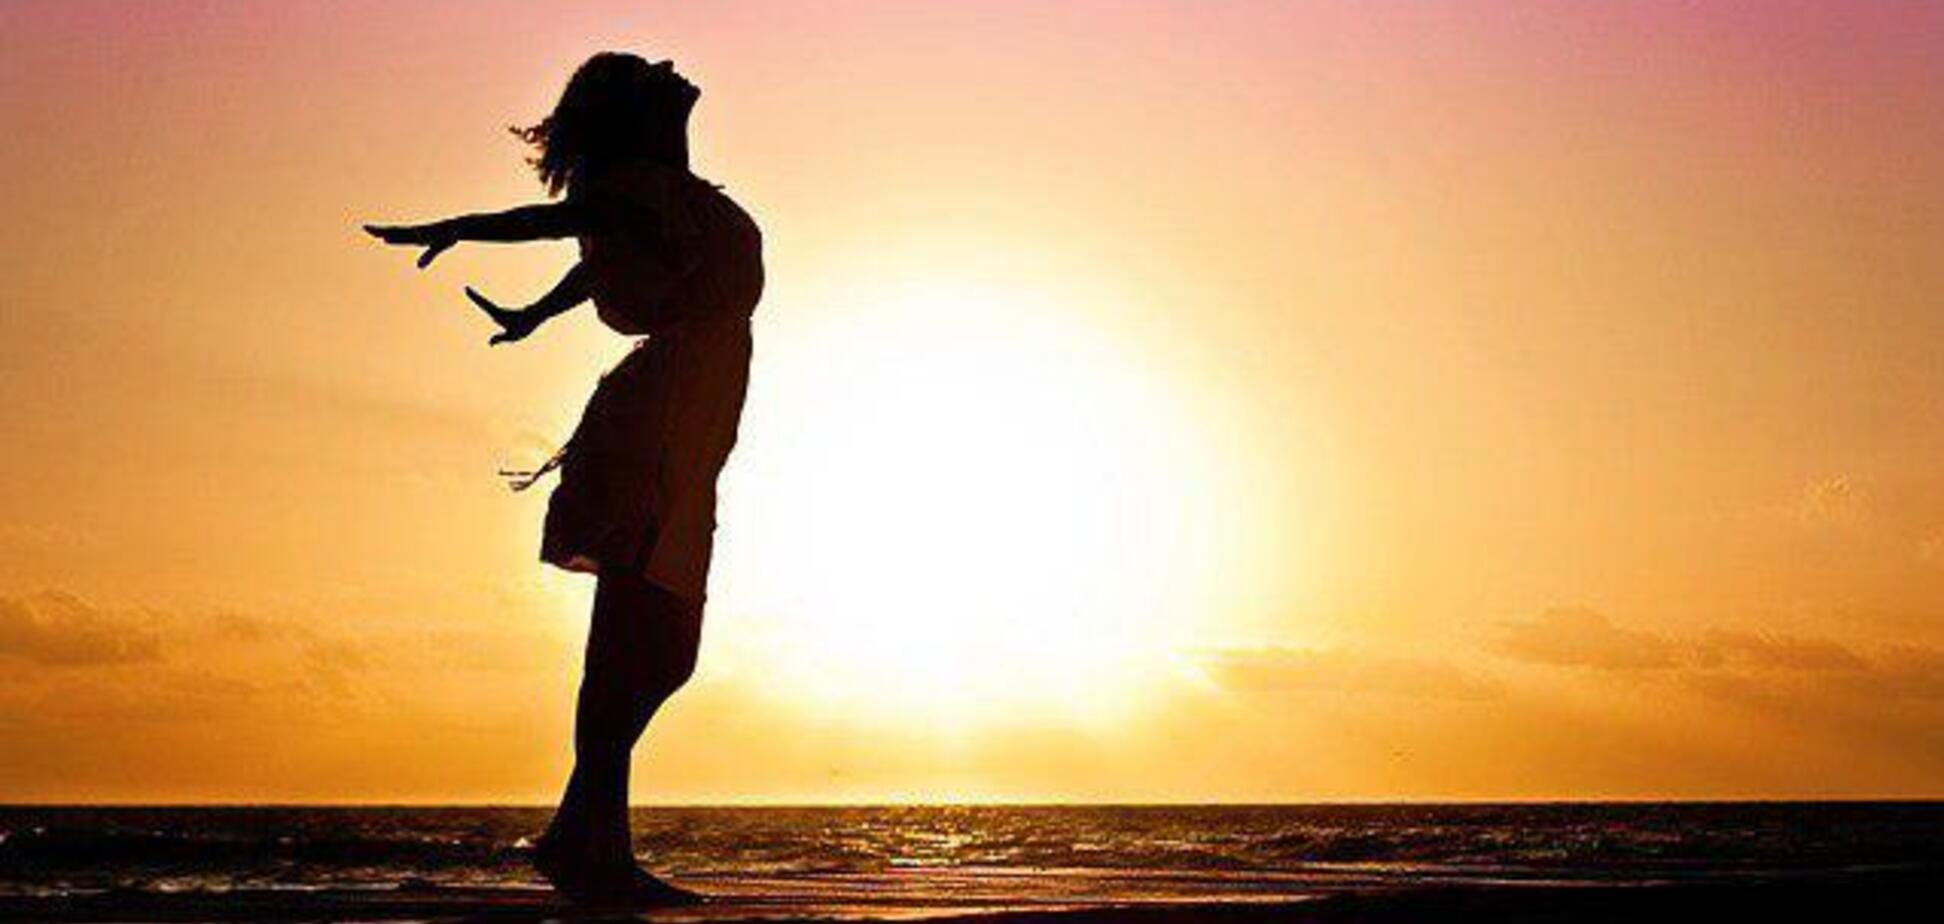 Для того, чтобы почувствовать счастье, не нужна идеальная жизн